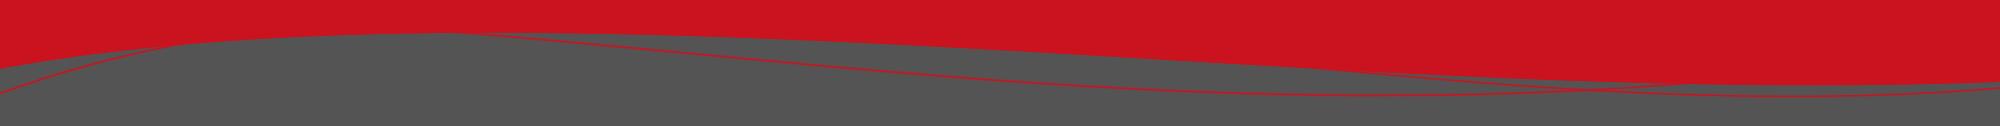 Séparateur vague rouge haut picto